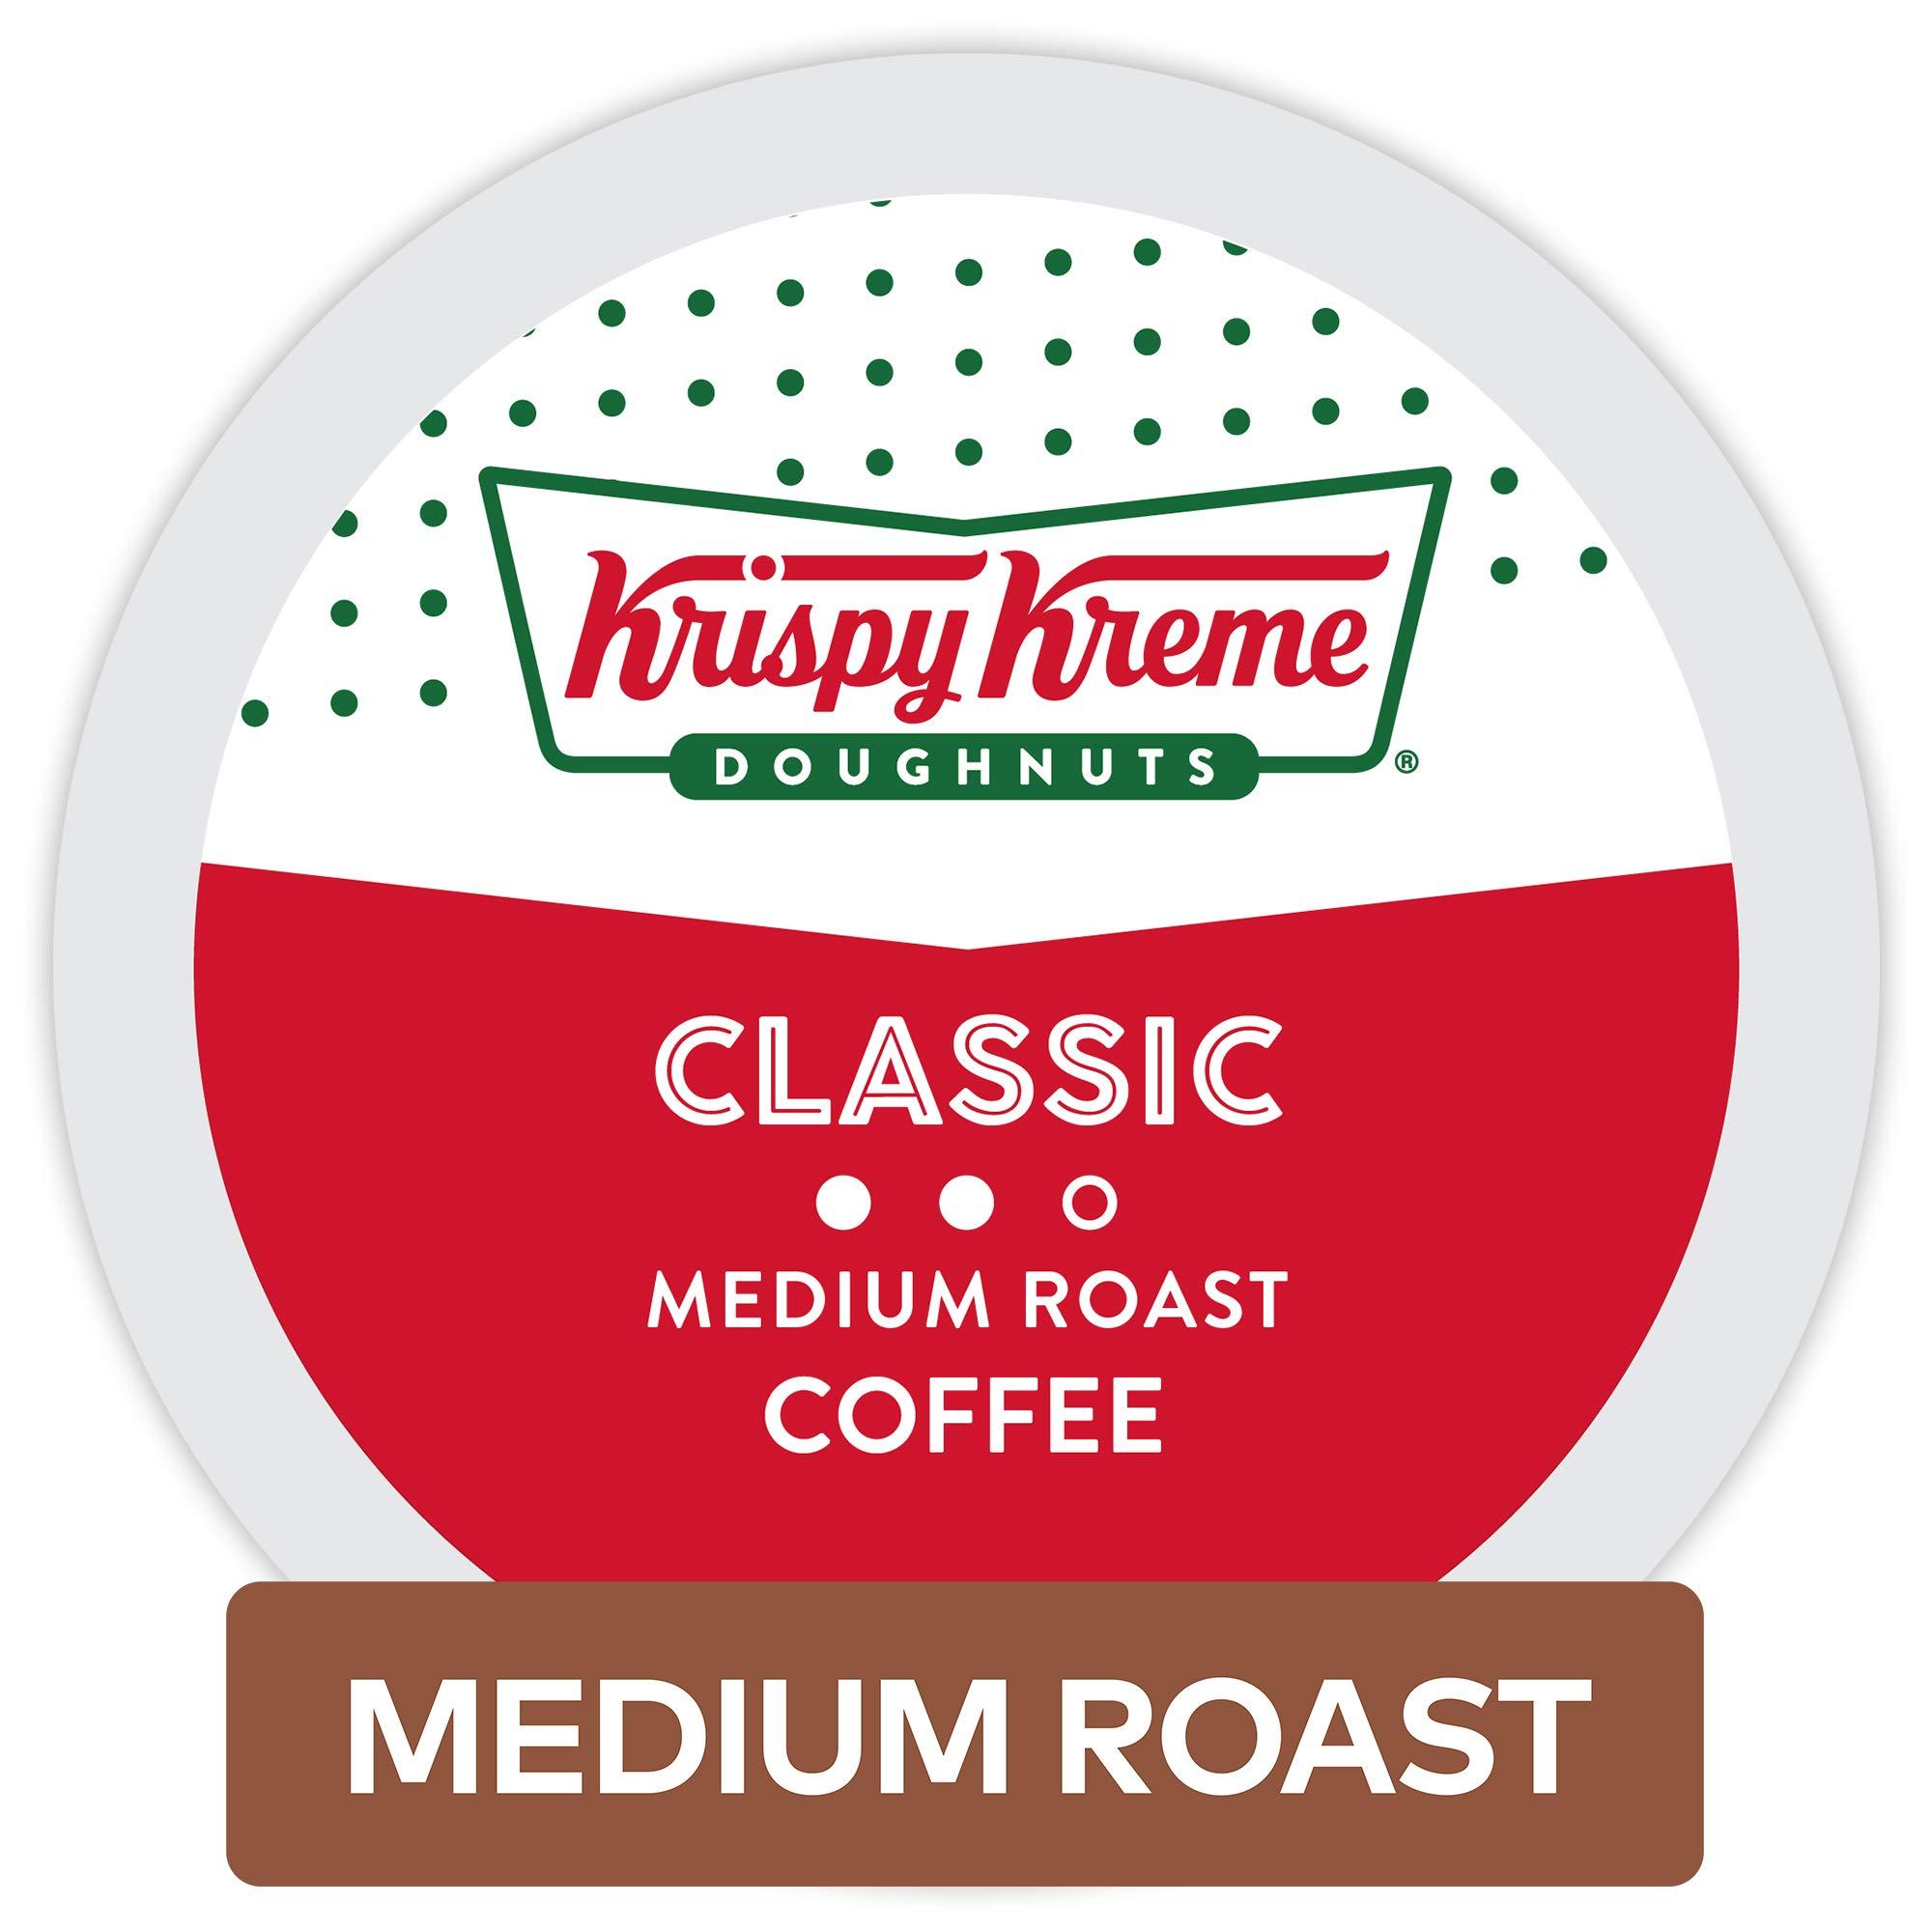 Krispy Kreme Doughnuts Classic, Single Serve Coffee K Cup Pods for Keurig Brewers, Medium Roast, 32Count by Krispy Kreme